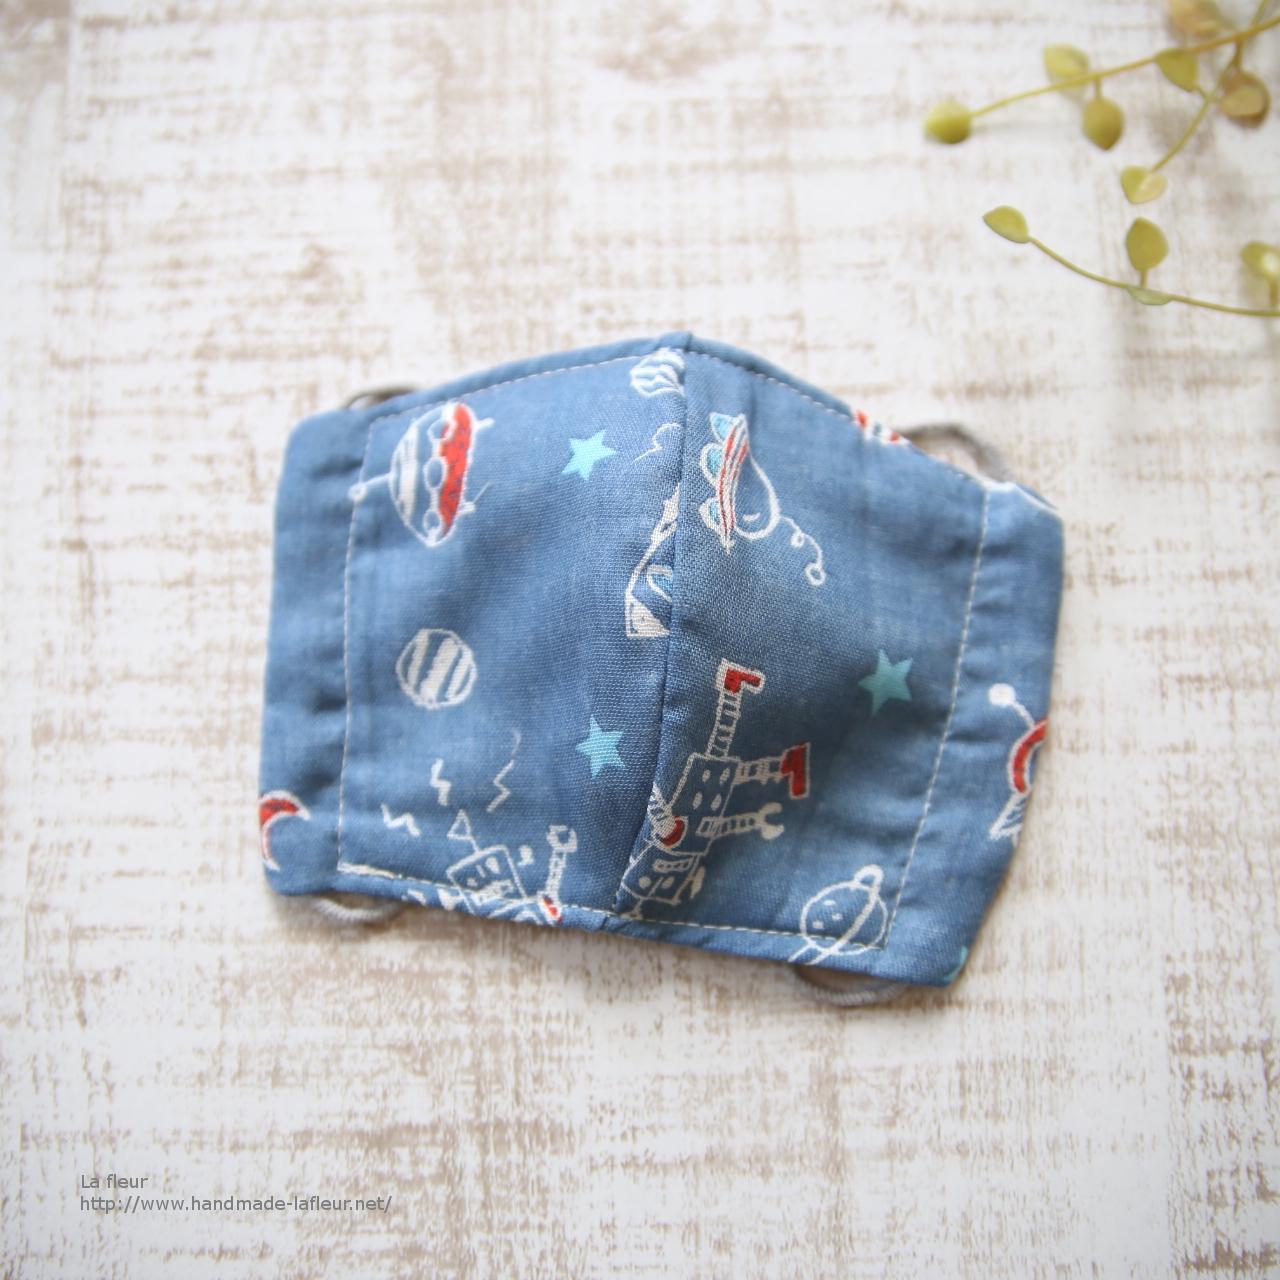 子供用6重ガーゼ立体マスク*フィルターシート用ポケット付き ロボット青 キッズマスク/La fleur